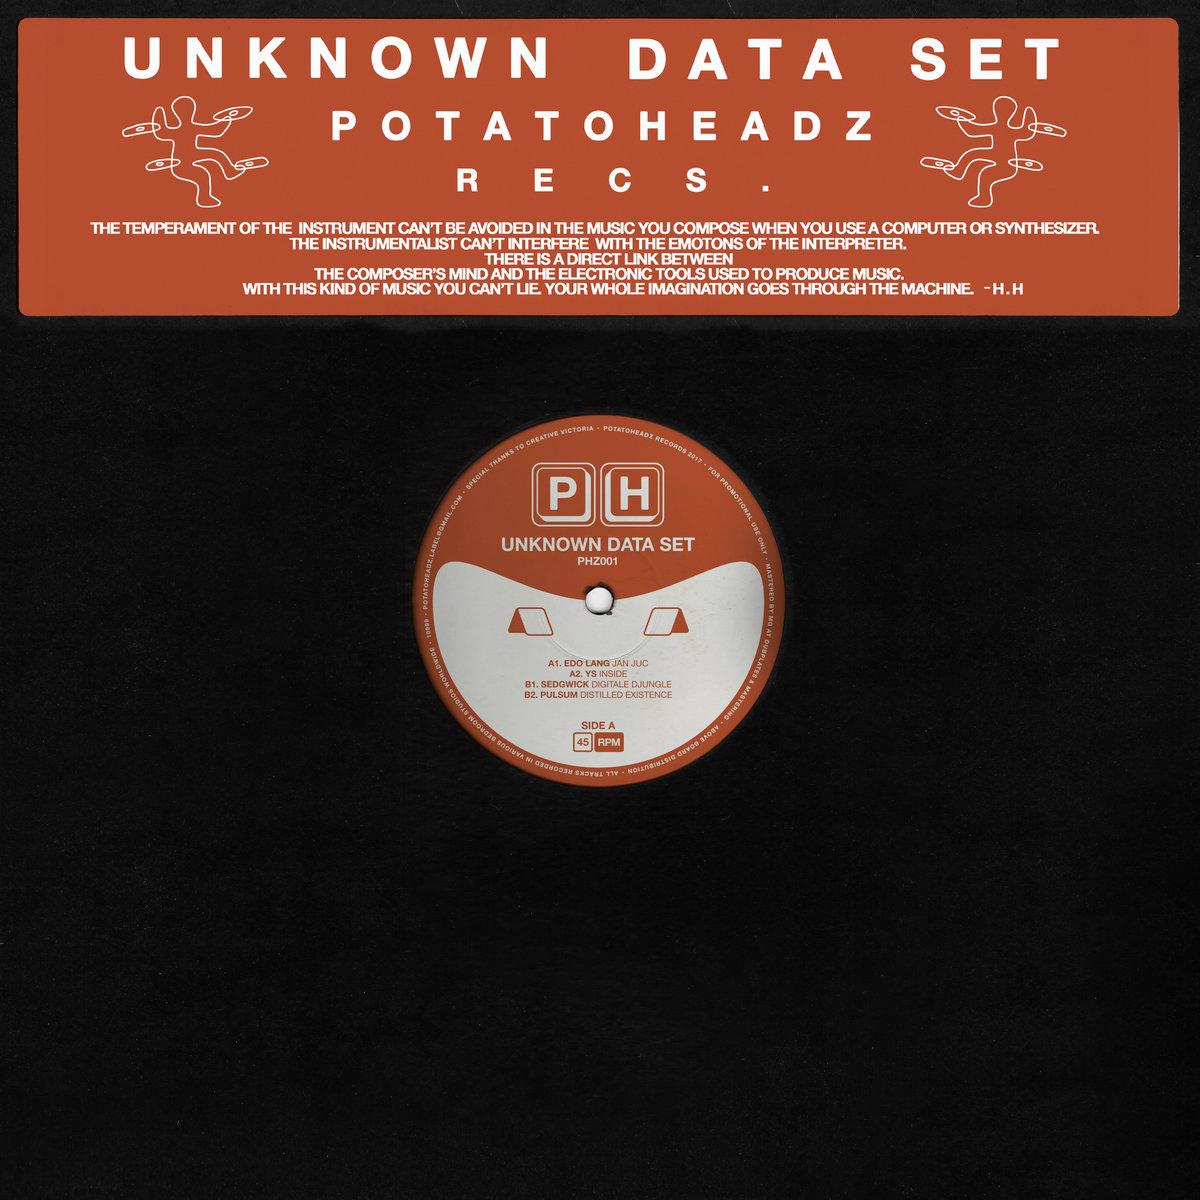 PHZ001 - Unknown Data Set   Potatoheadz Records